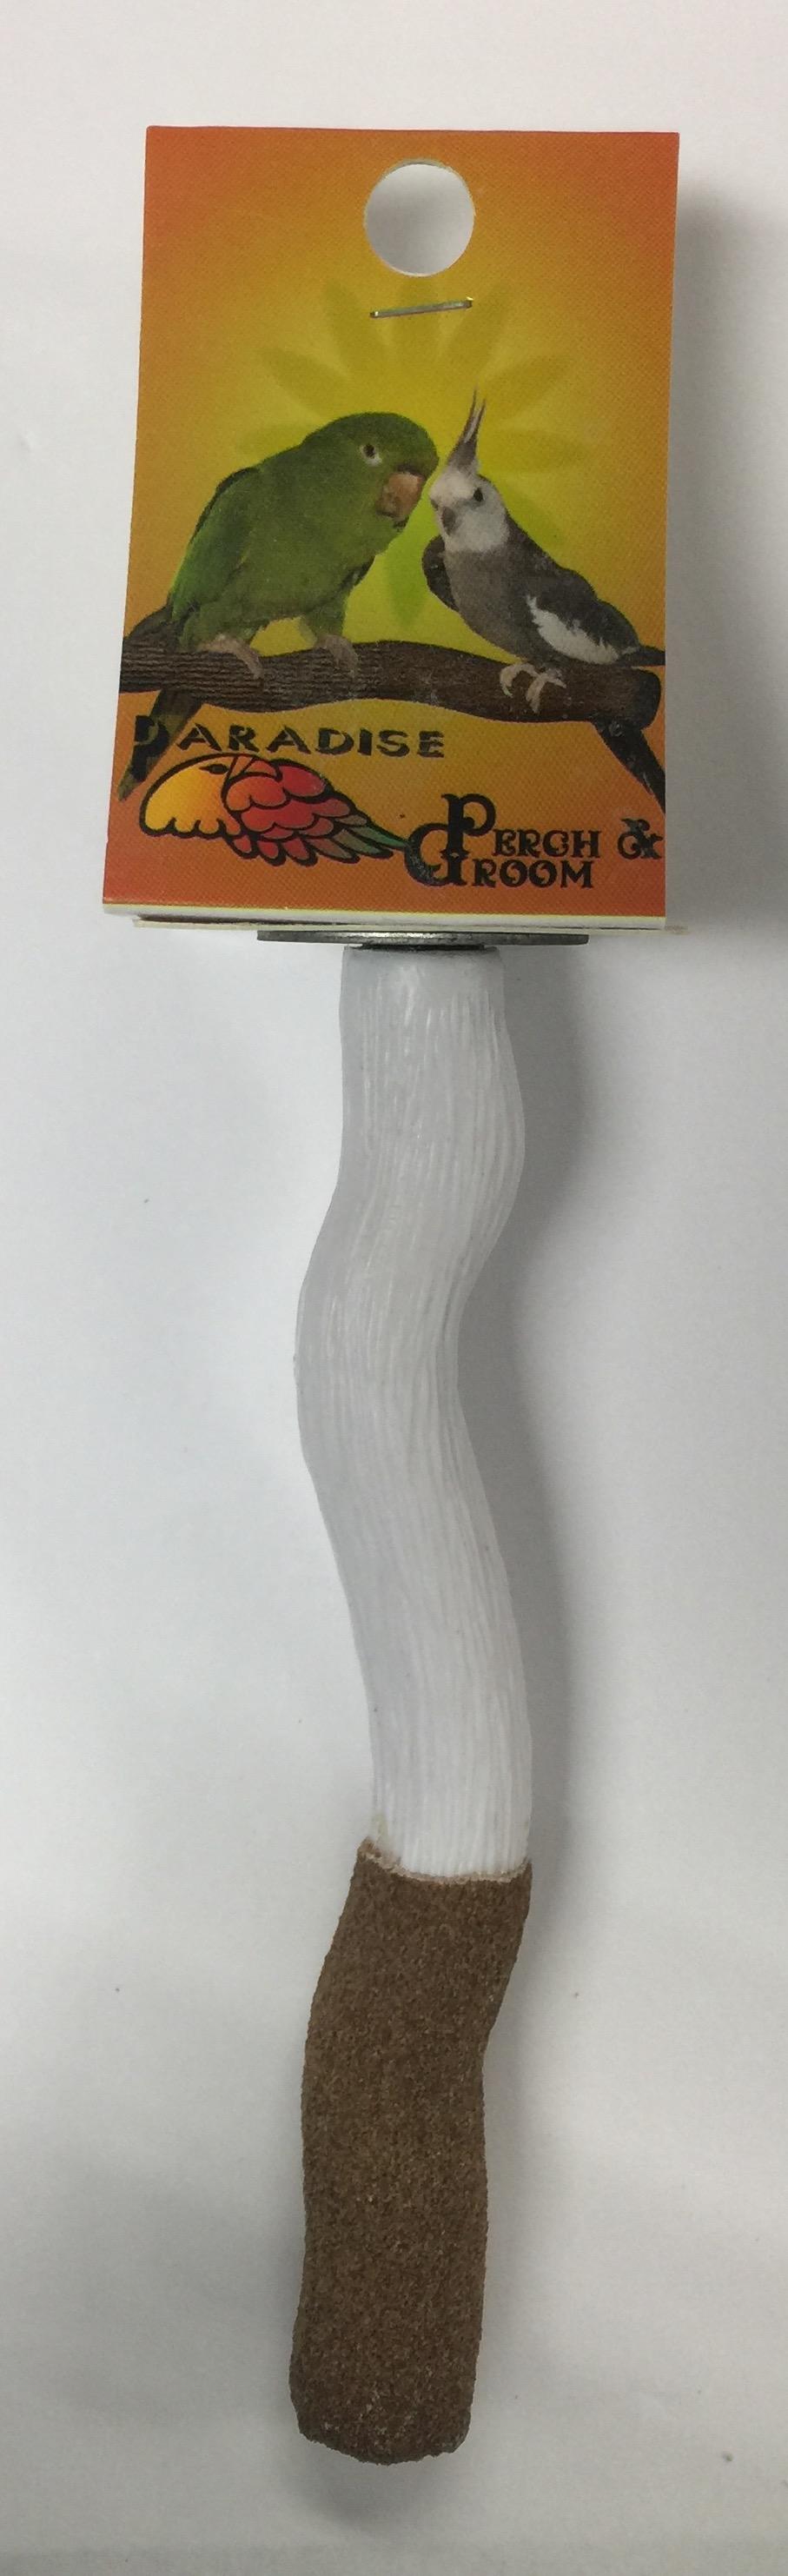 Paradise Perch Groom: Medium